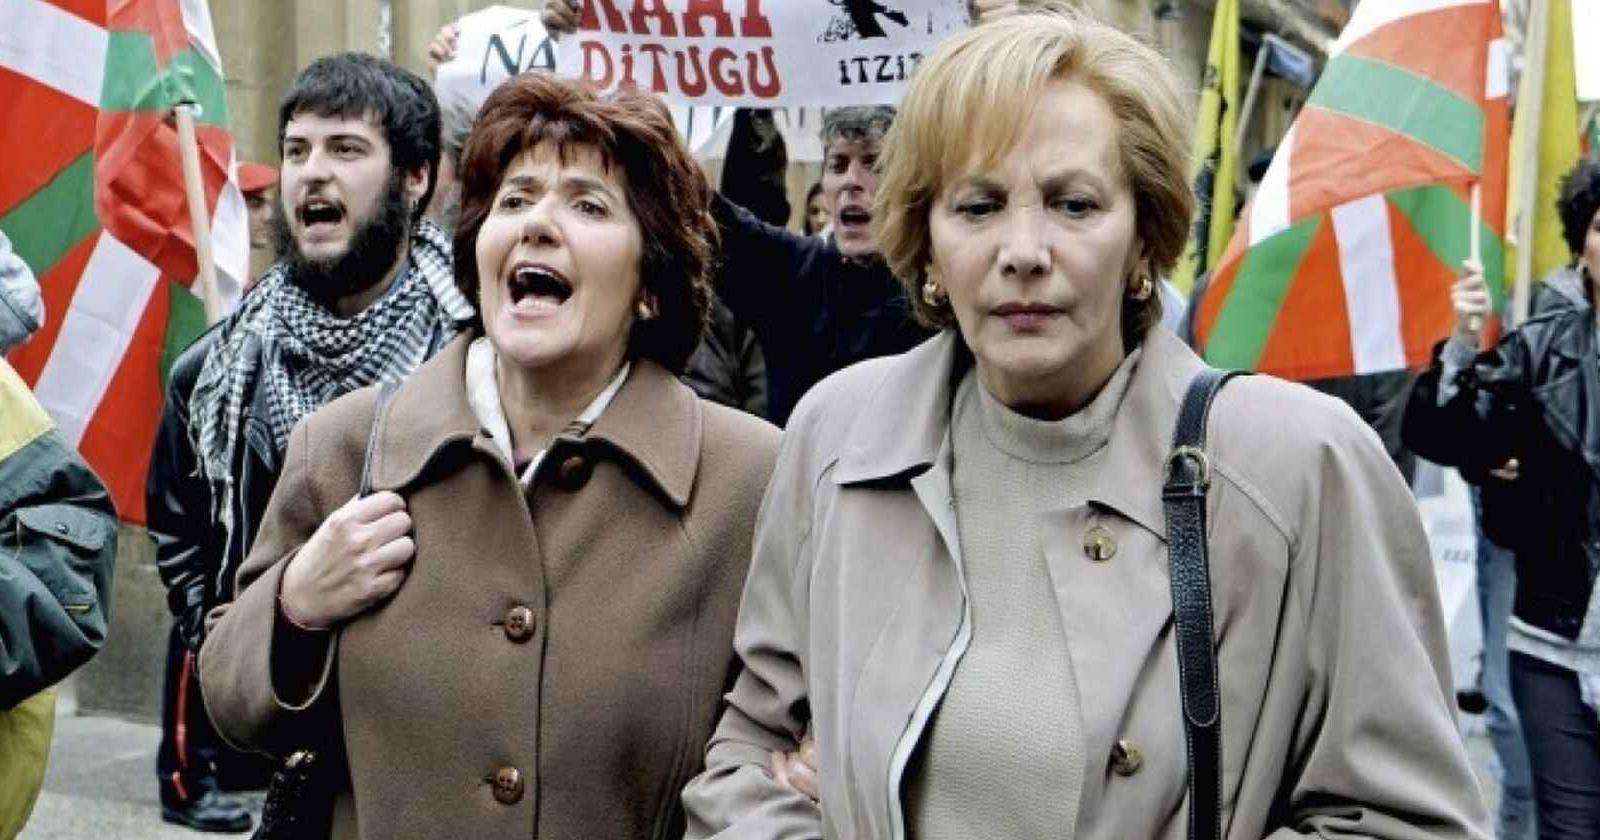 Dos mujeres adultas en medio de una protesta. A sus espaldas, manifestantes con lienzos y banderas.